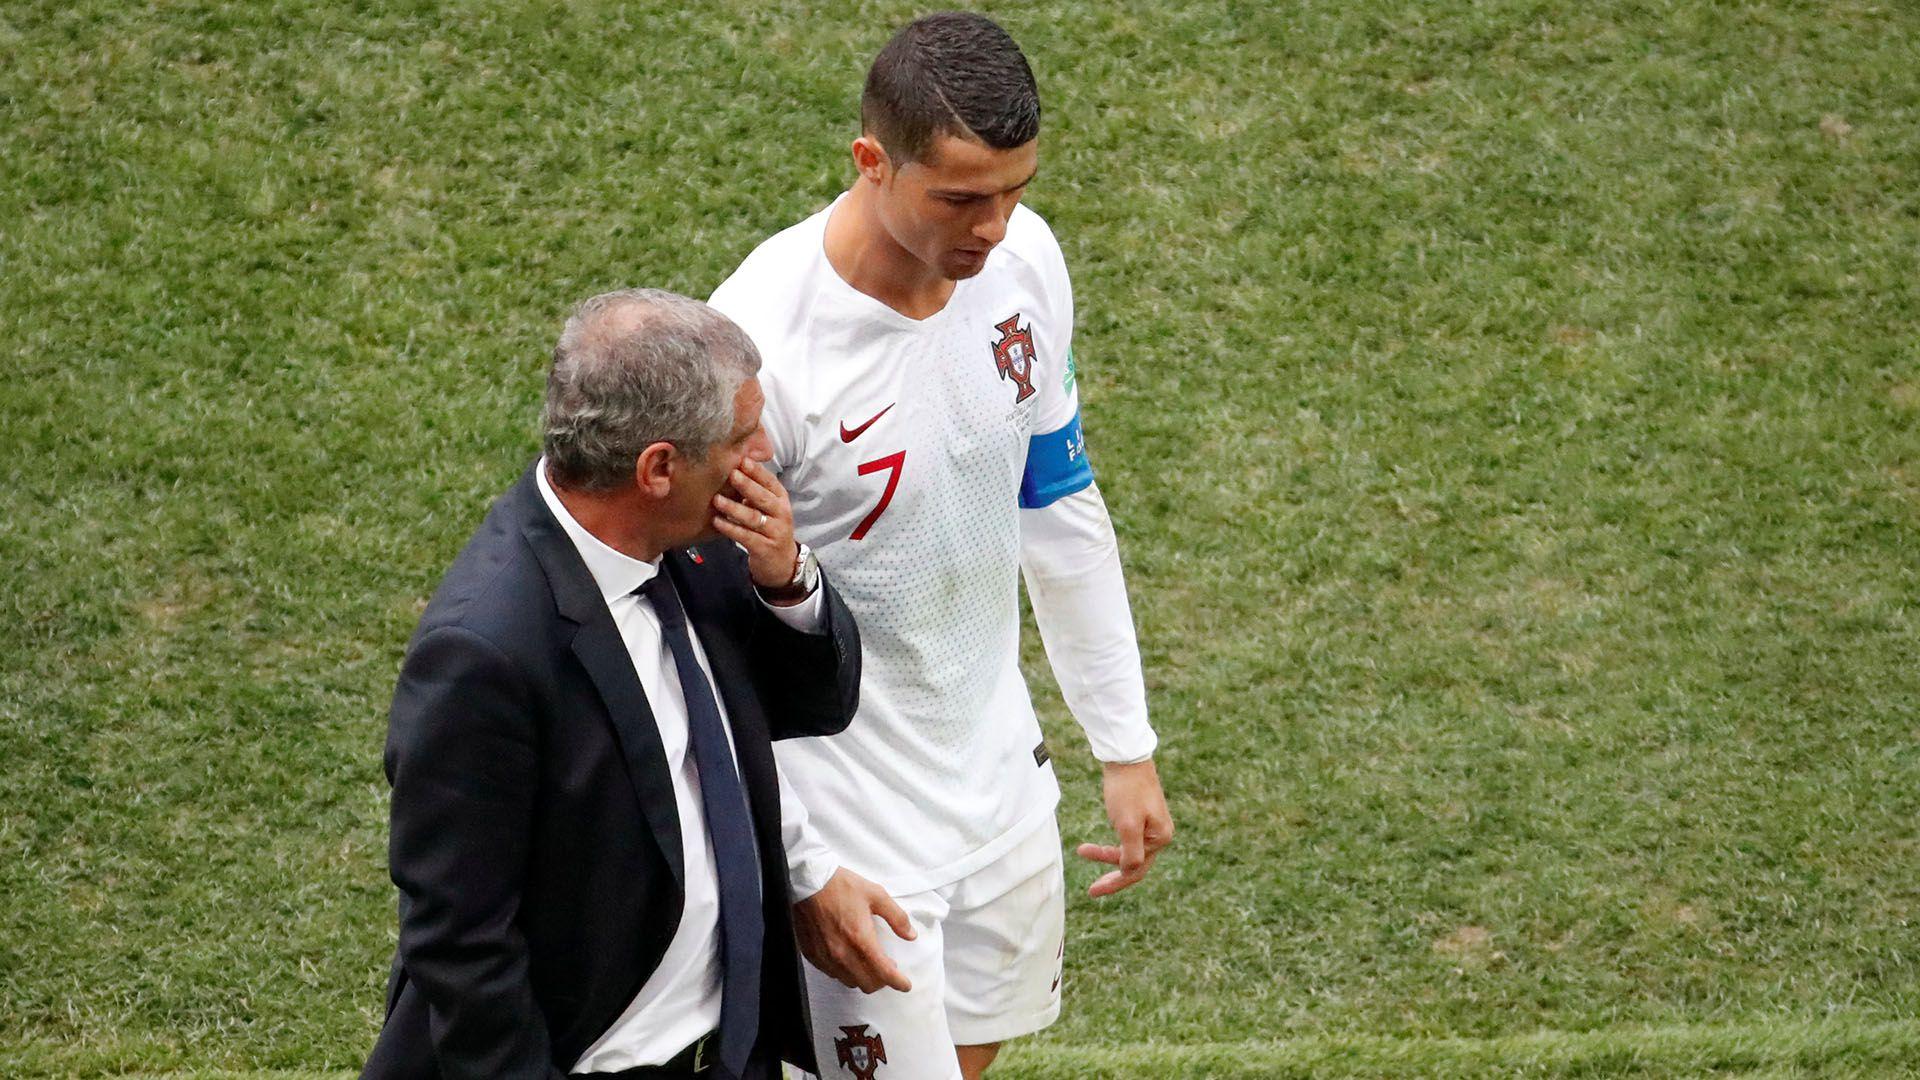 Santos y Cristiano, en el Mundial de Rusia 2018. Juntos conquistaron dos títulos: una Eurocopa y una Liga de las Naciones (REUTERS/Christian Hartmann)